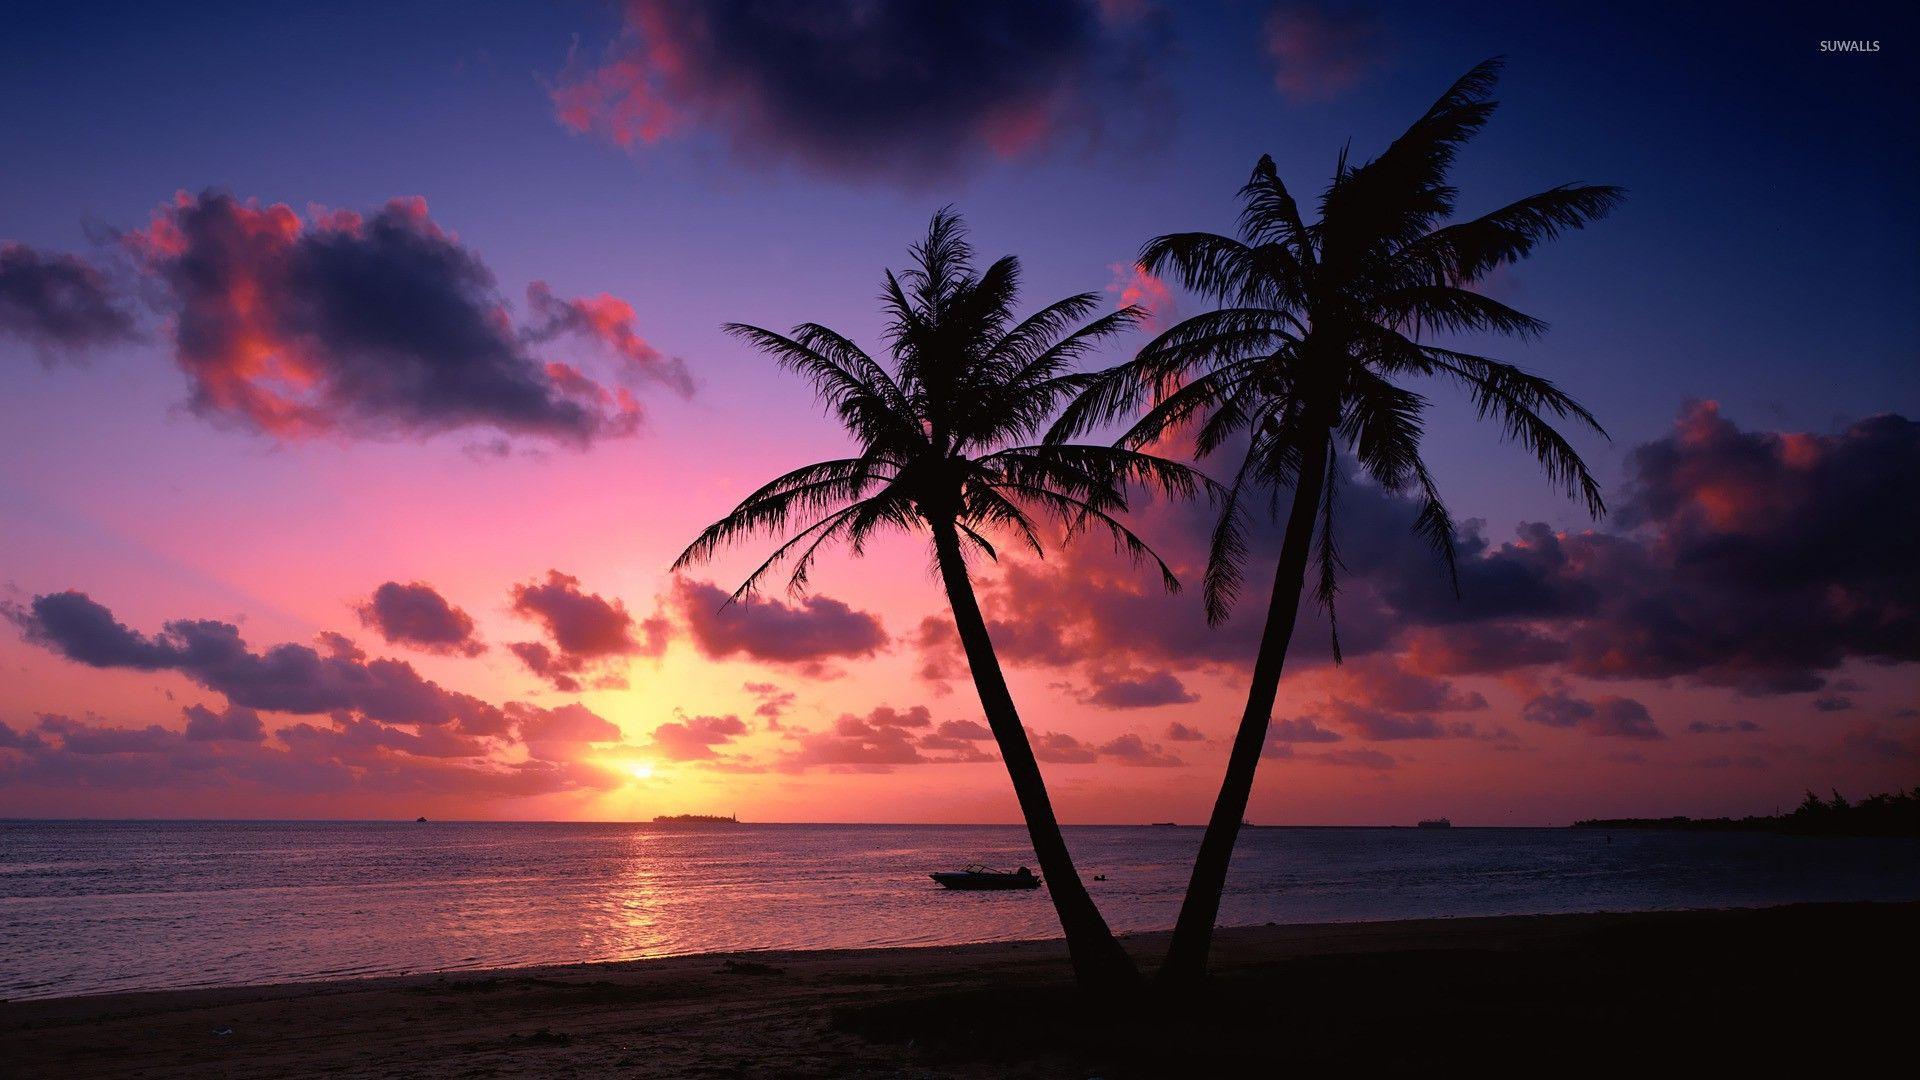 Wallpaper Hd Sunset Times 2021 Live Wallpaper Hd Beach Sunset Wallpaper Sunset Landscape Sunset Wallpaper